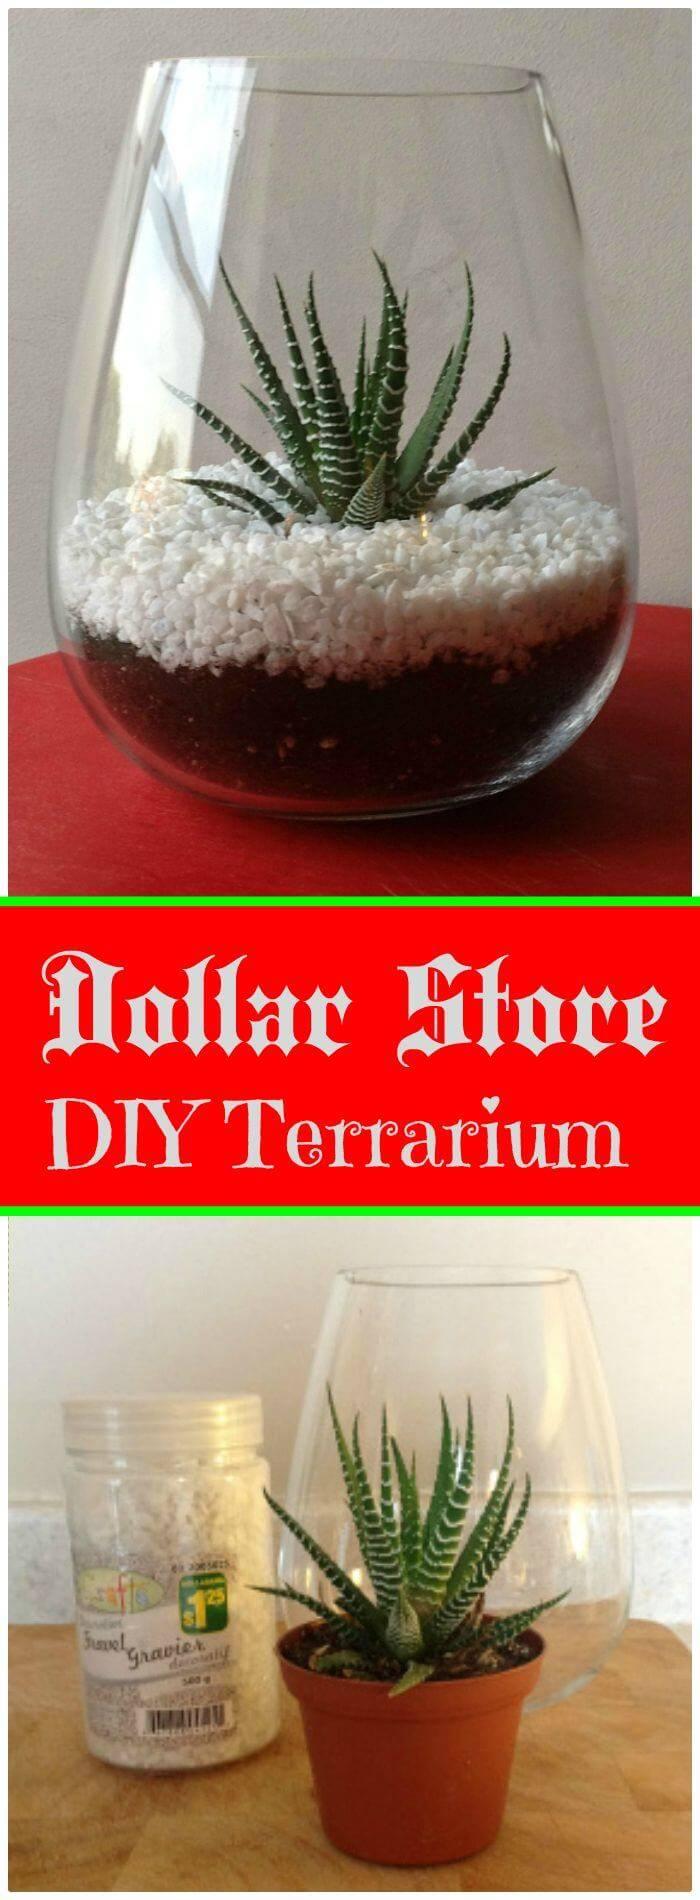 DIY Dollar Store Terrarium - Free Tutorial